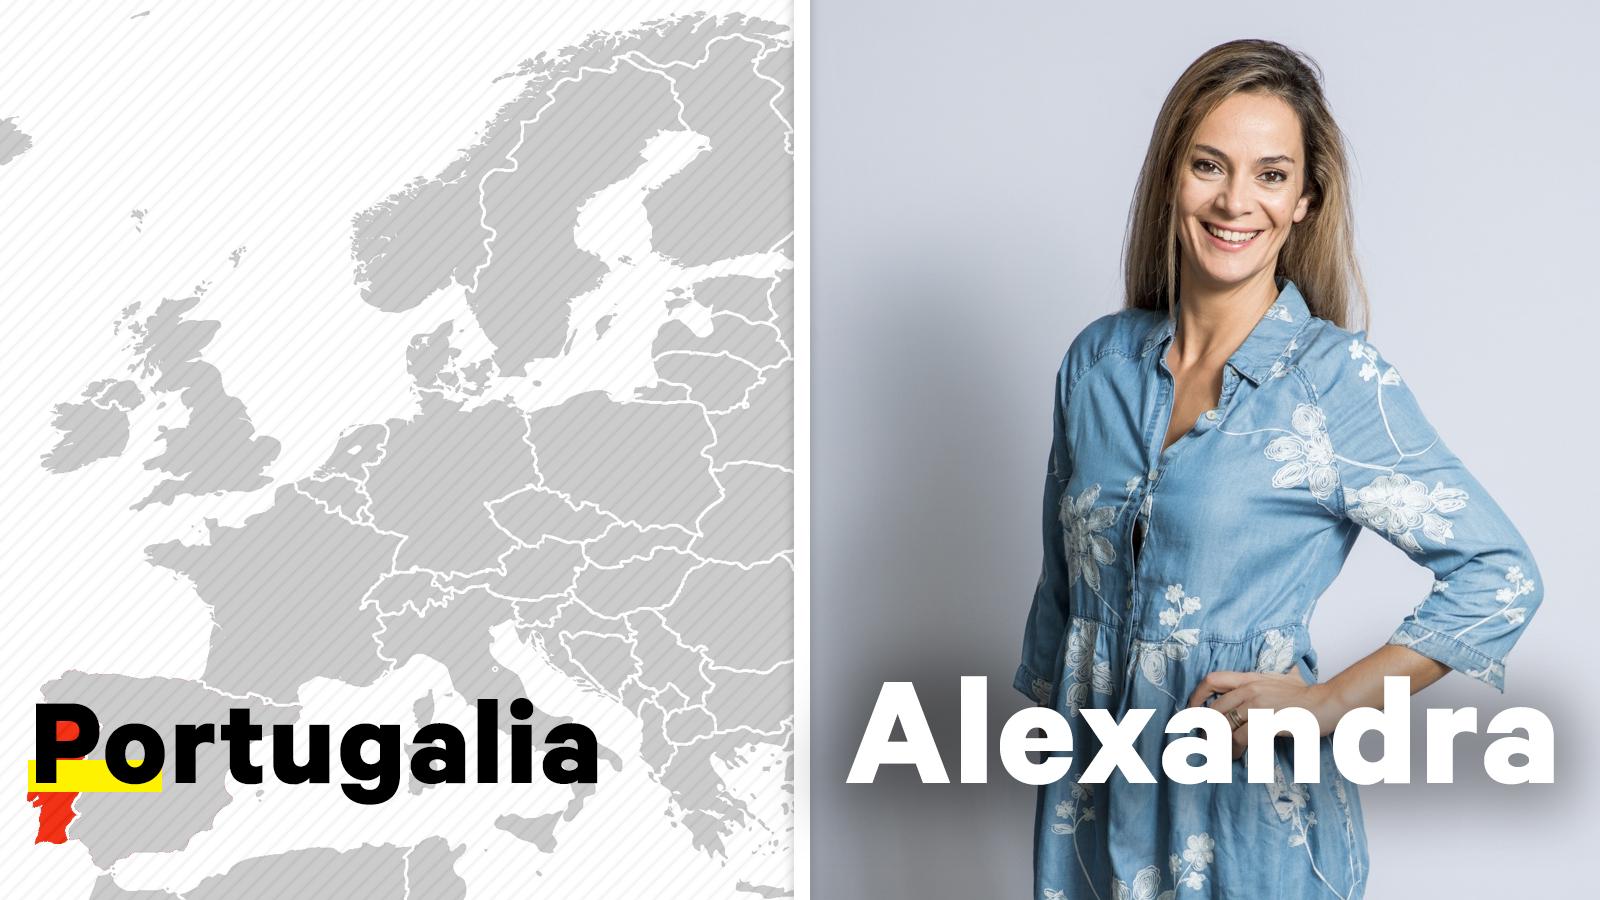 Alexandra Oliveira (fot: materiały archiwalne)